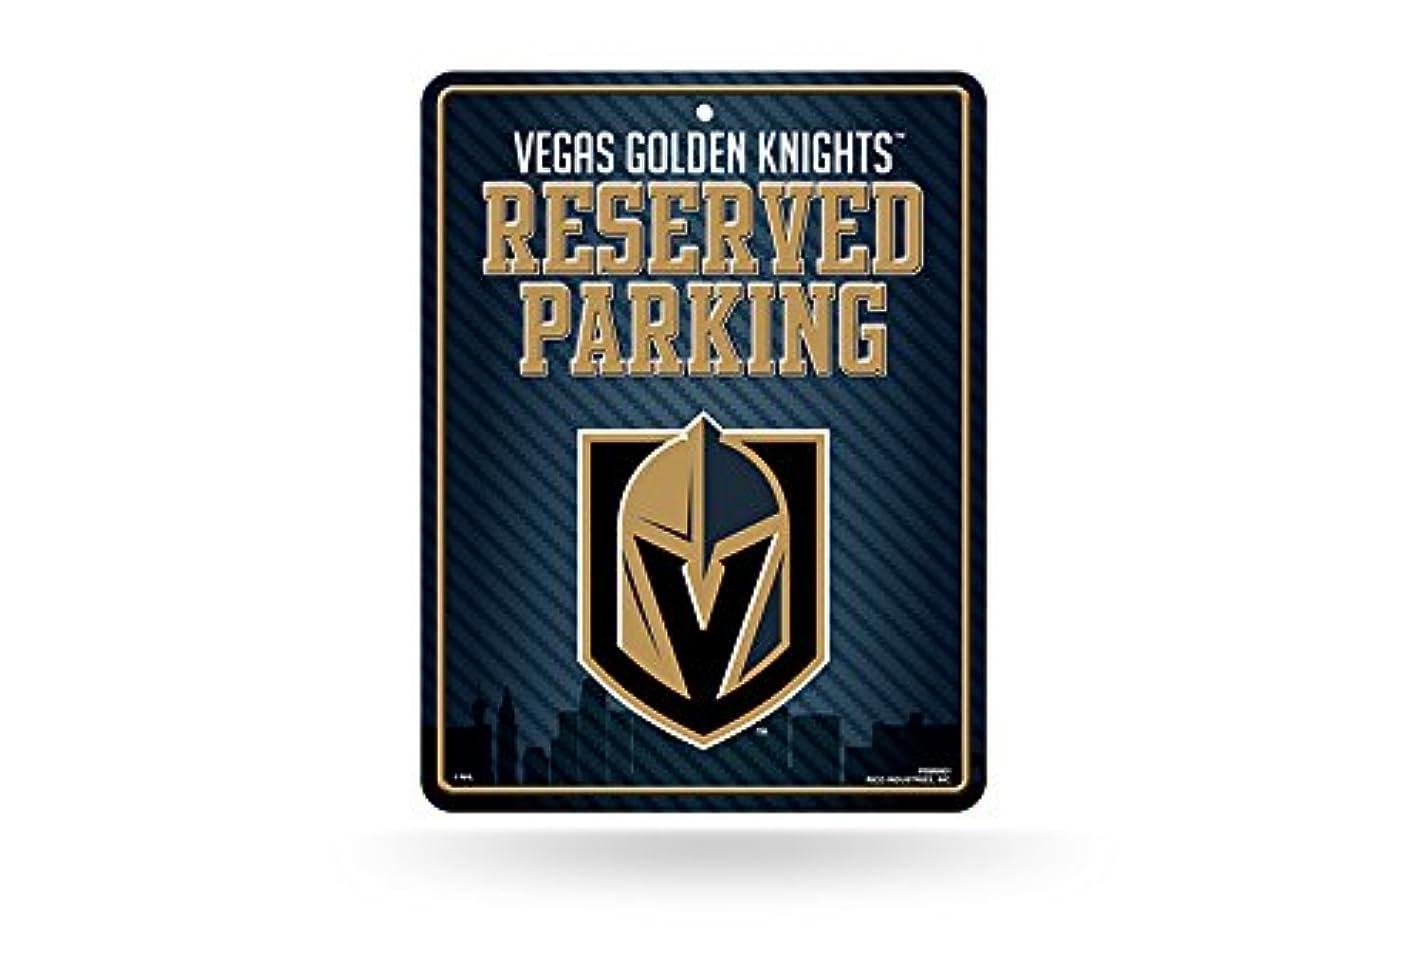 エキゾチック予約たぶんラスベガスGolden Knights NHL予約駐車場サイン( 8?1?/ 4?x 11?)